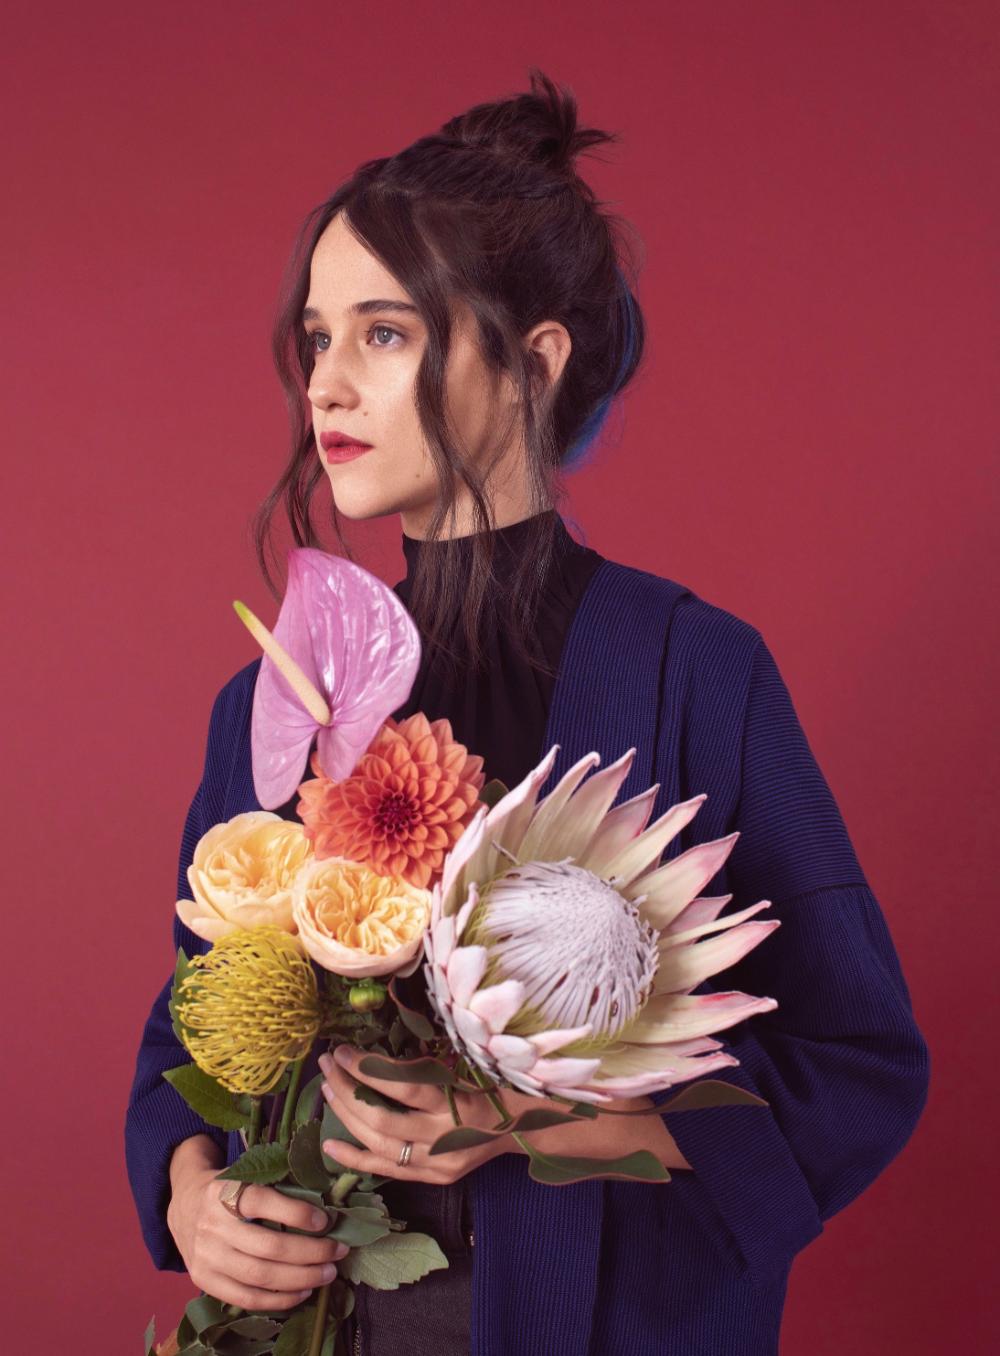 Ximena Sarinana Buscar Con Google Sarinana Arte De Samurai Los Angeles Azules